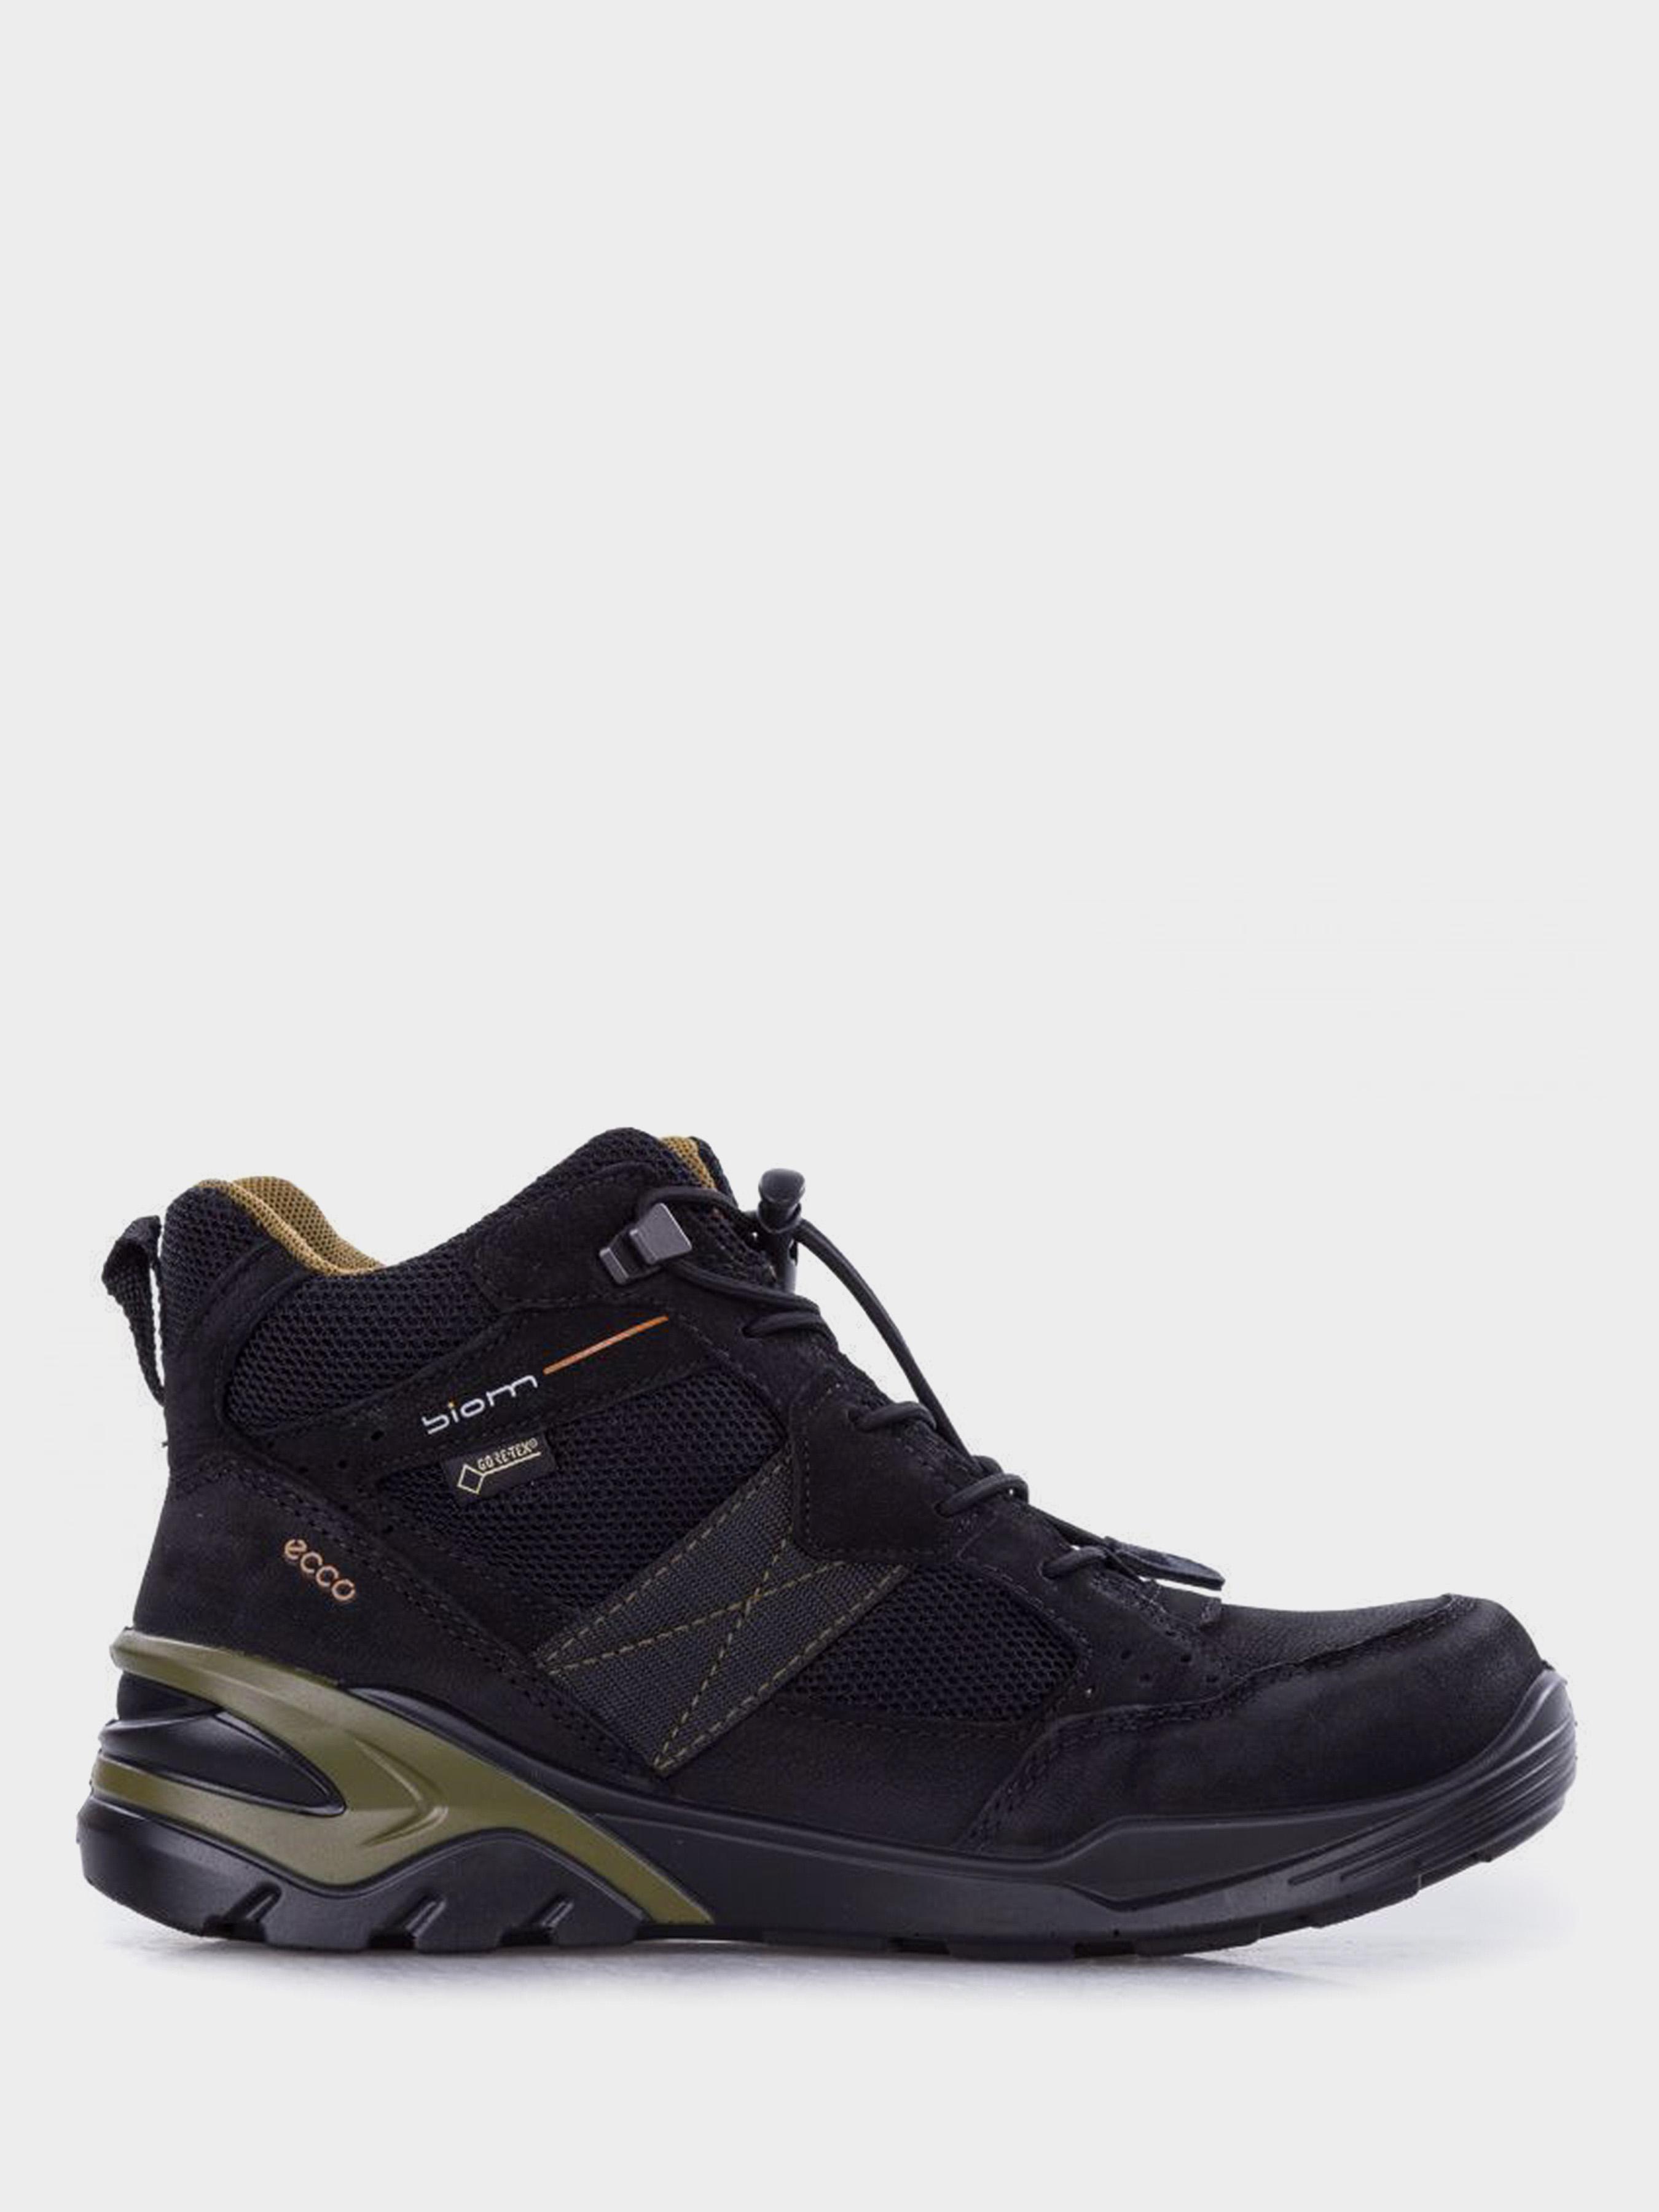 Купить Ботинки детские ECCO BIOM VOJAGE ZK3252, Черный